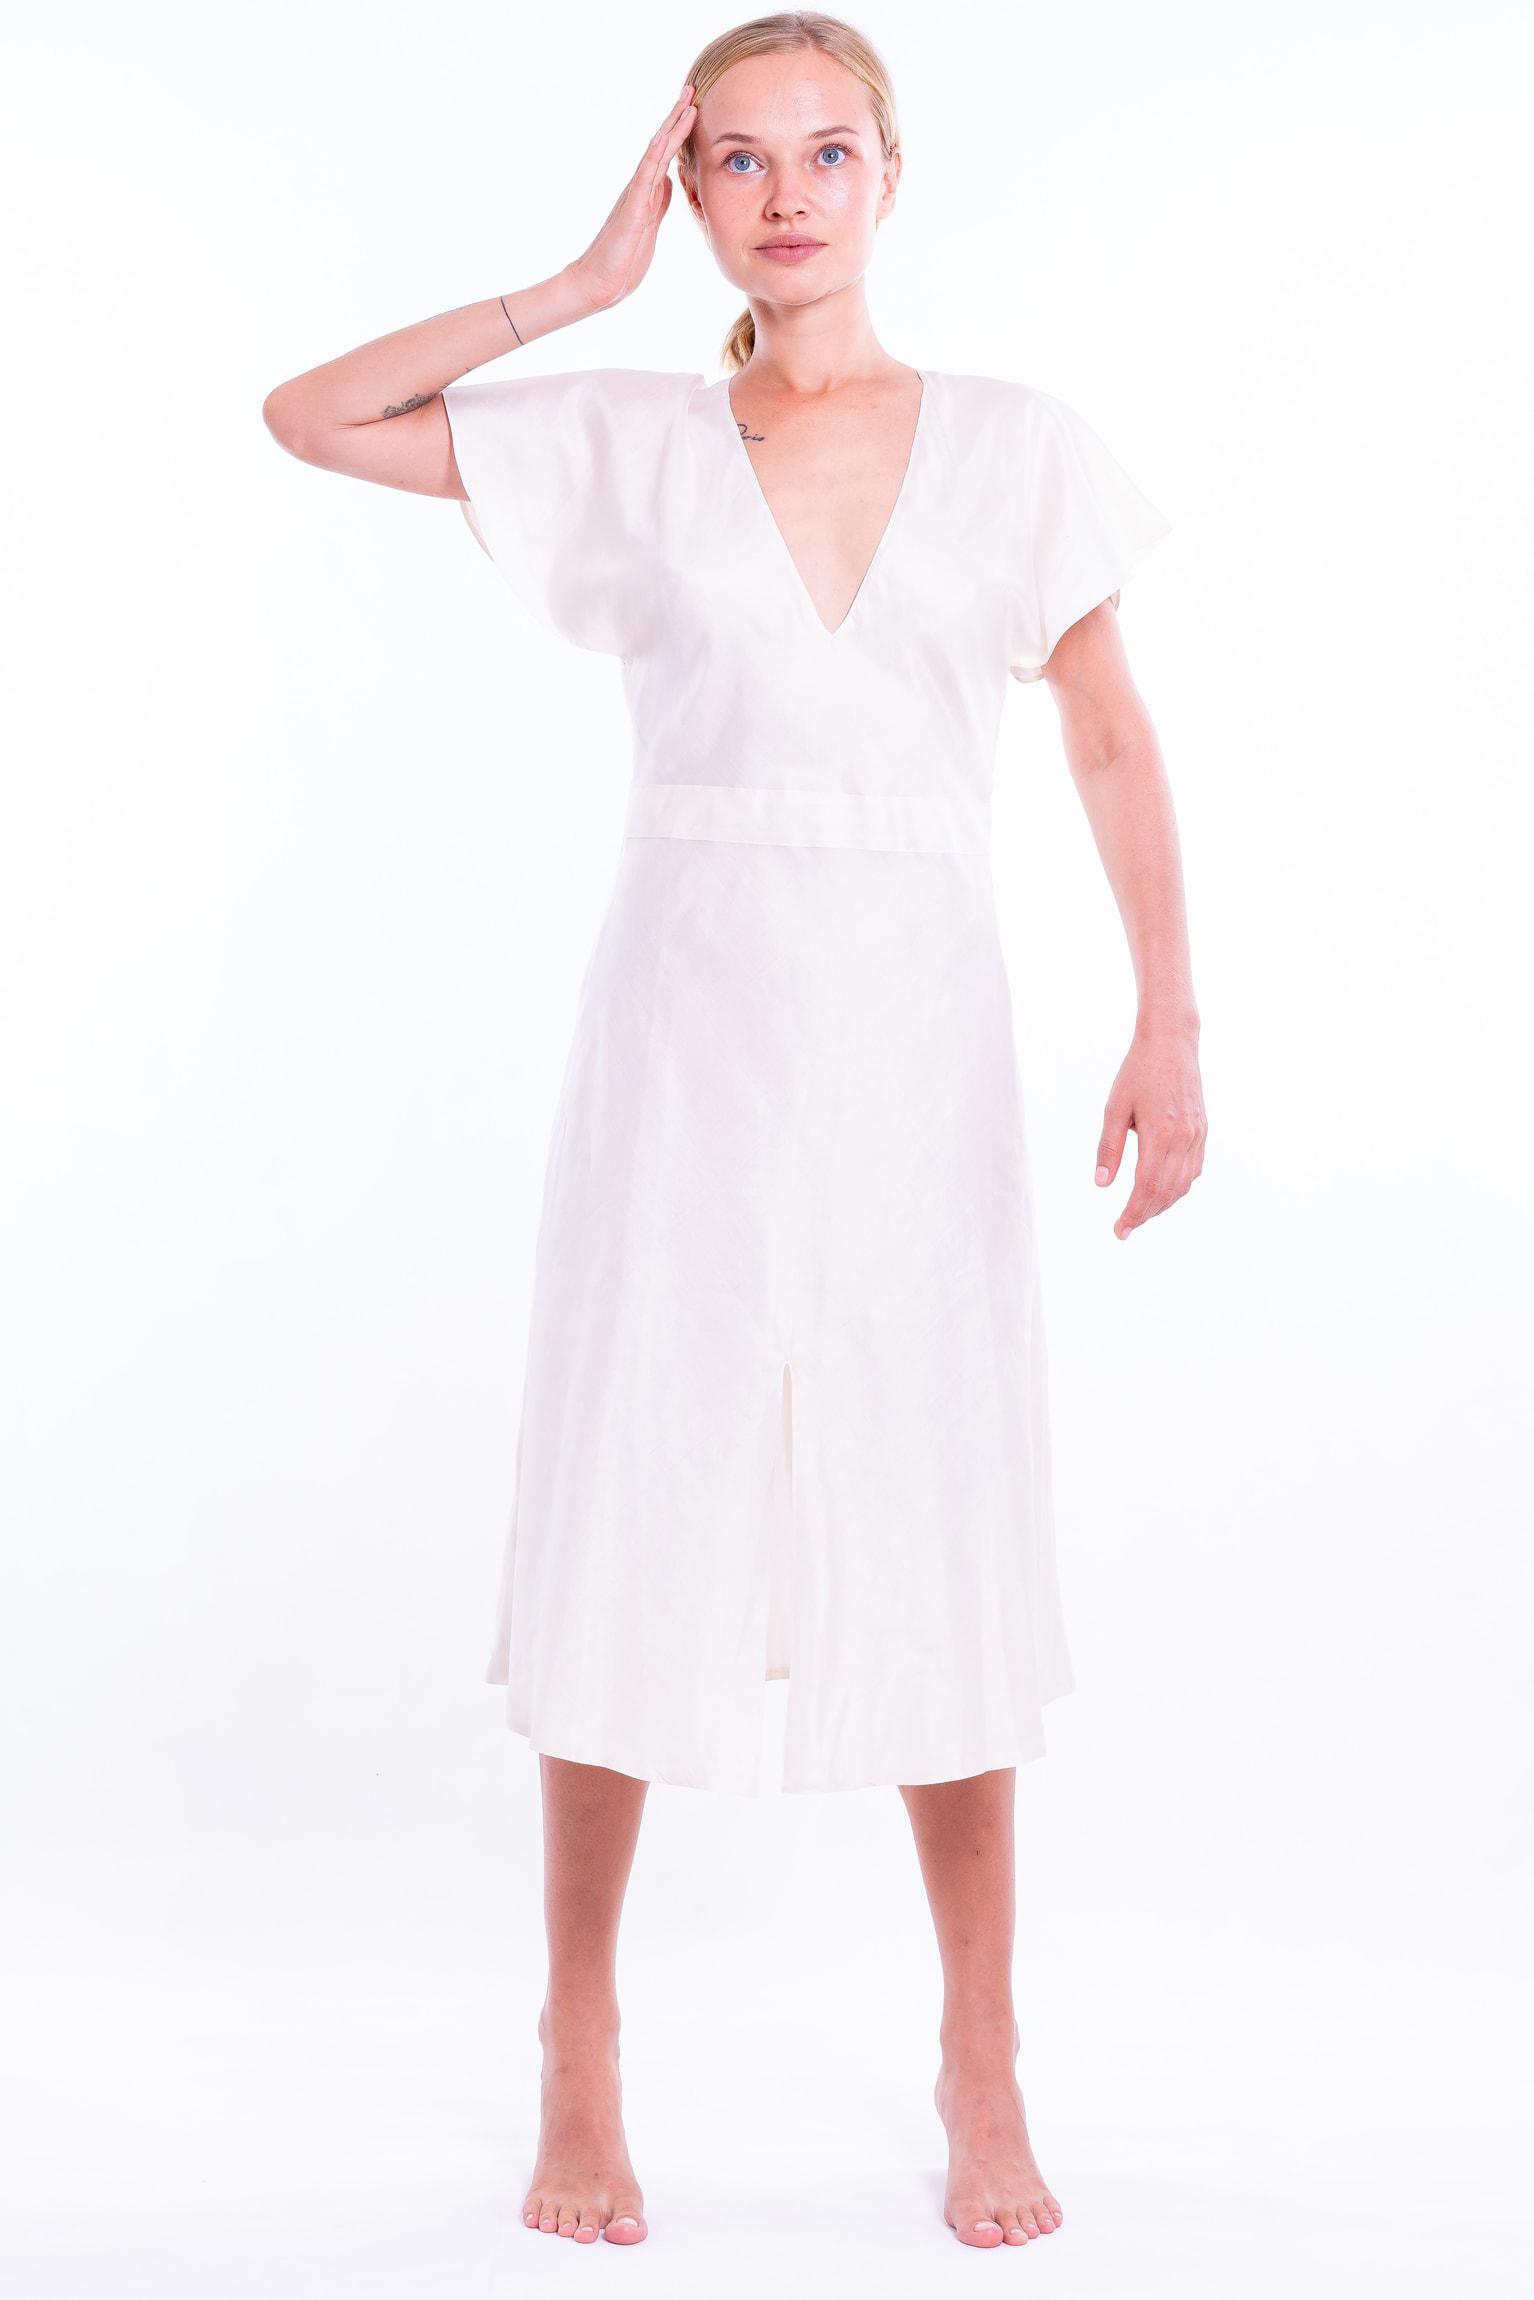 robe en mousseline de soie, taille marquée, manches évasées, décolleté en V profond, devant